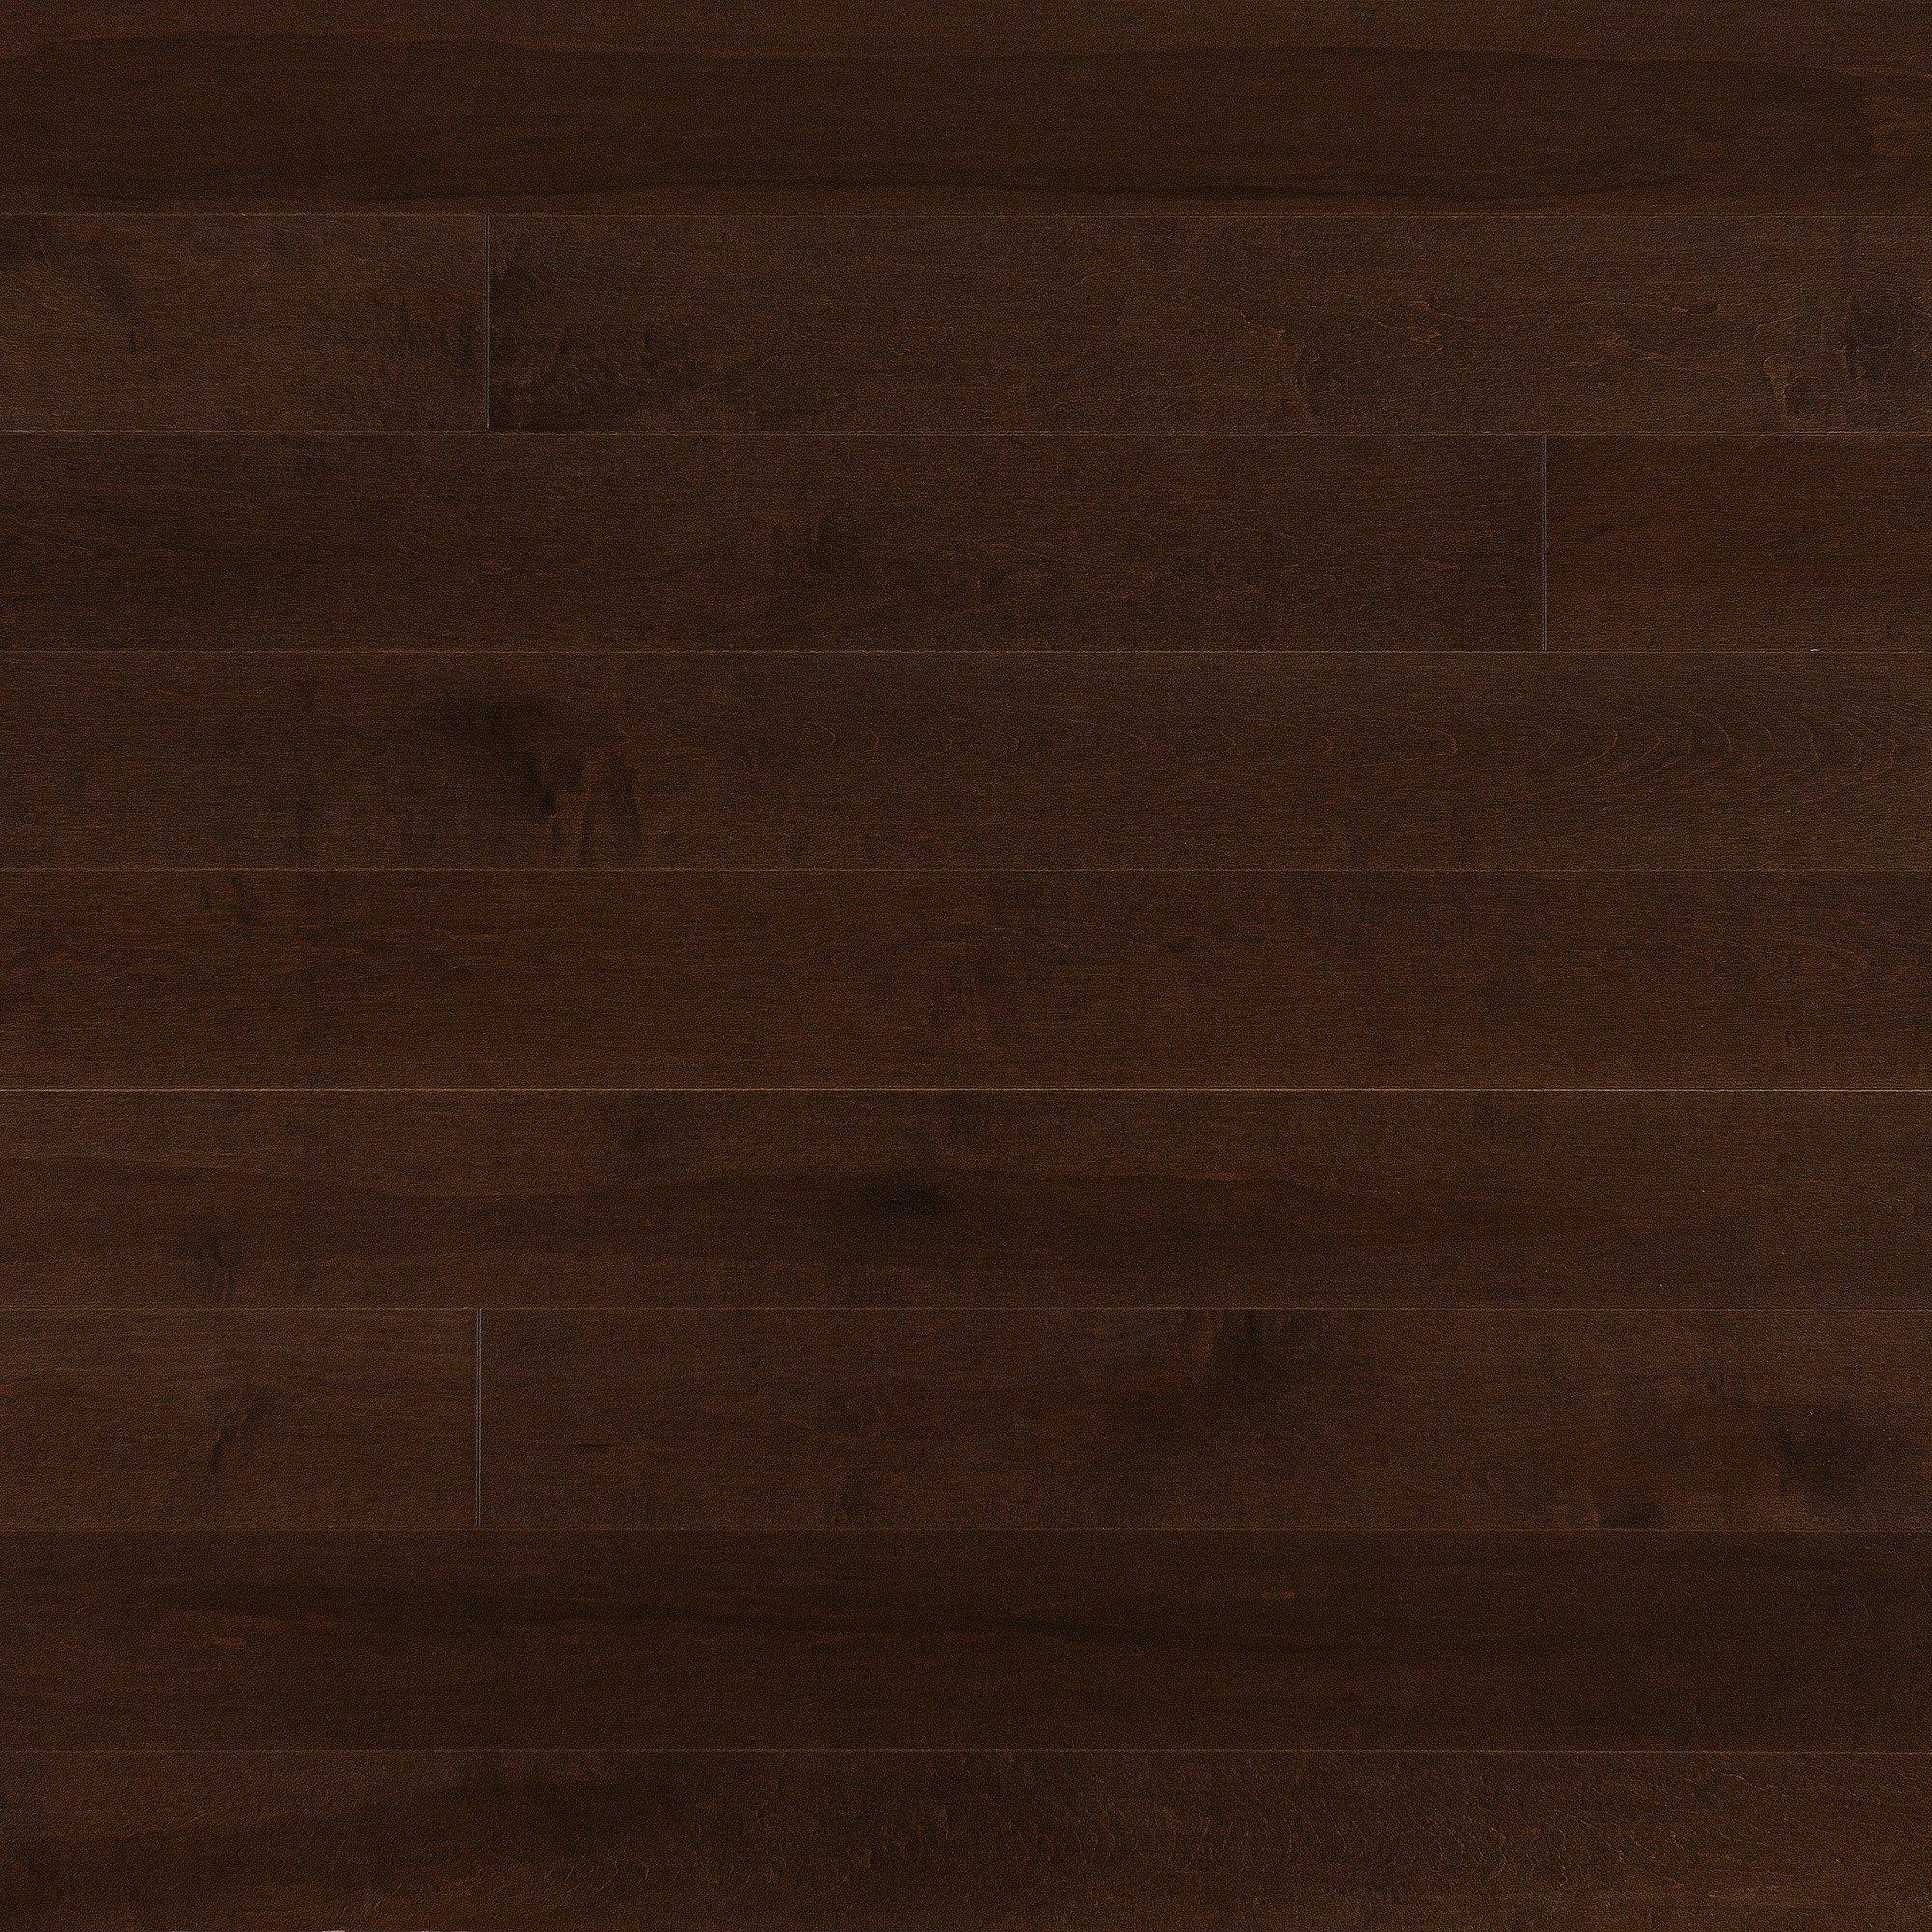 Érable Coffee Exclusive Lisse - Image plancher